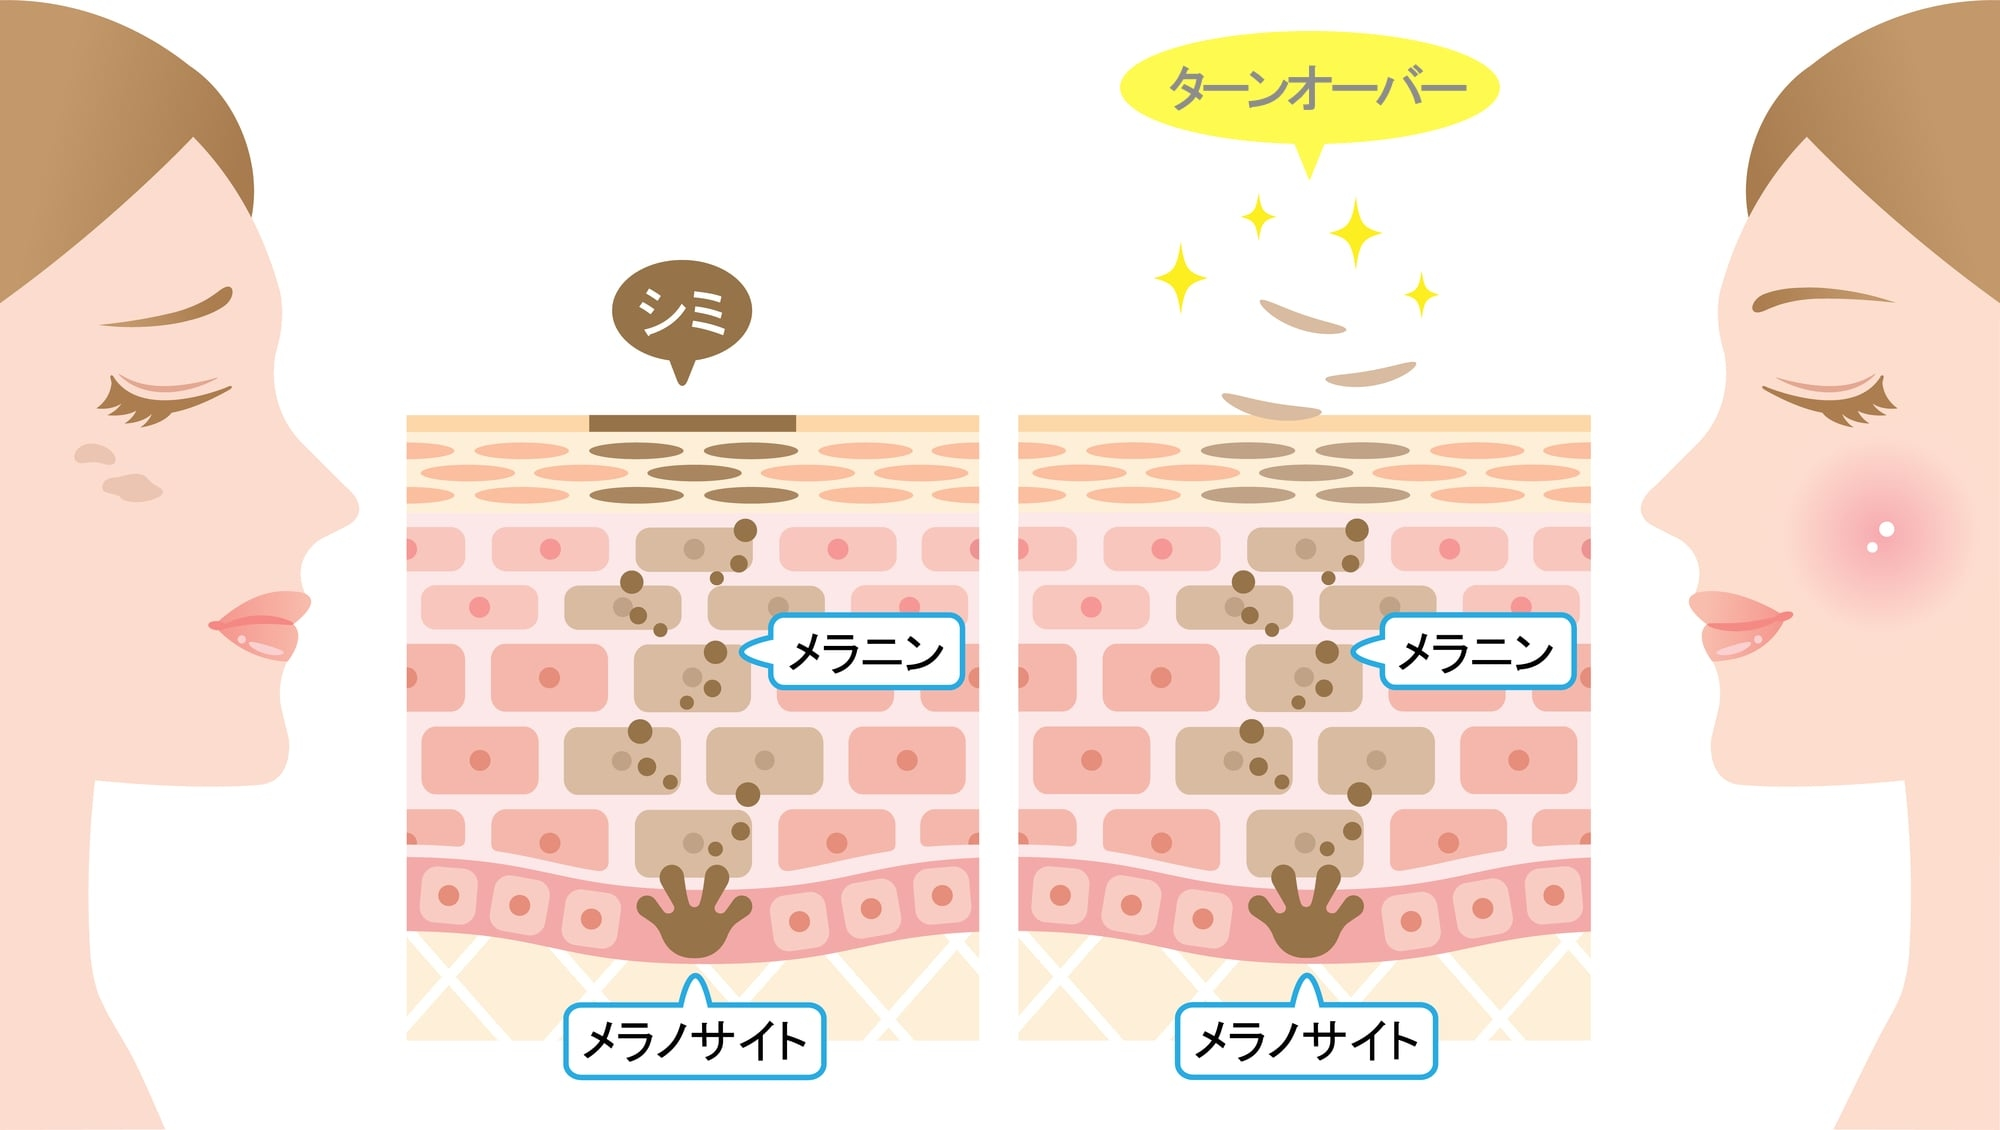 シミ食べ物_2-min.jpg